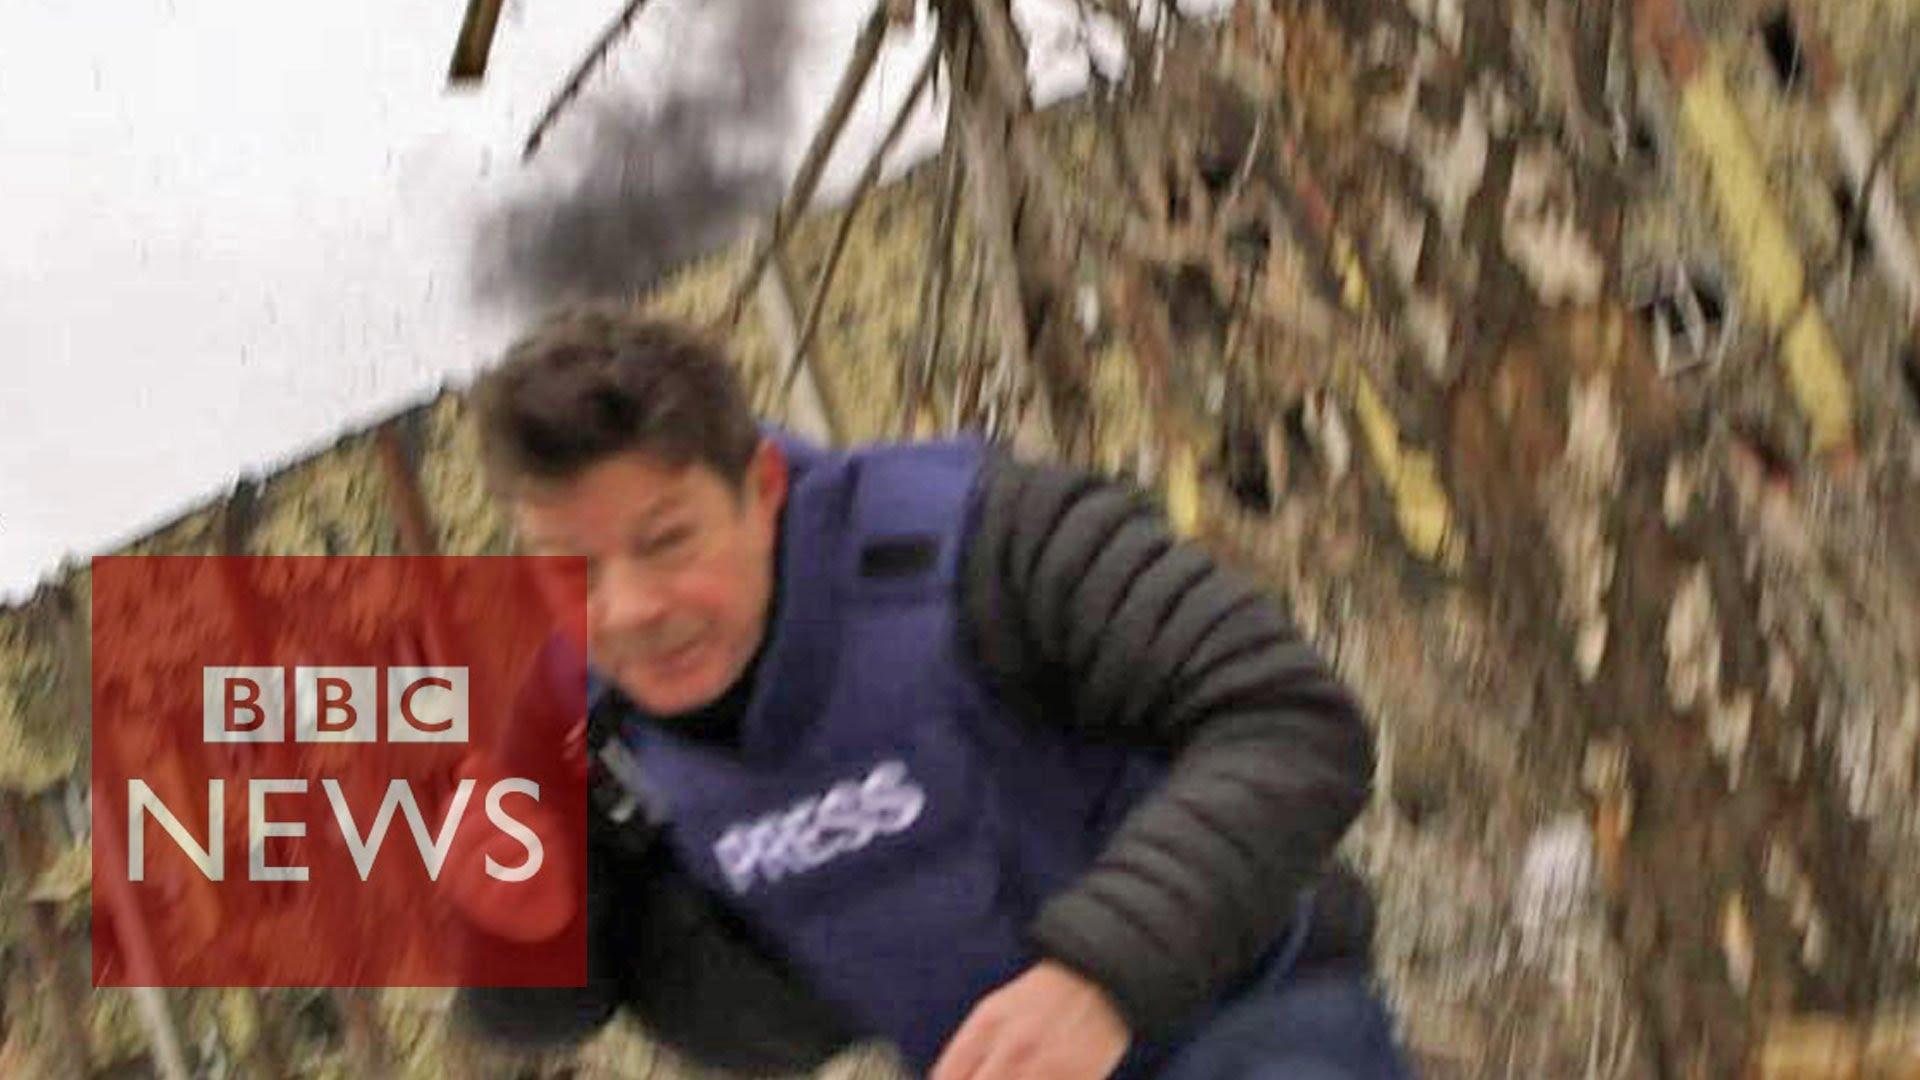 Снаряд ВСУ помешал рассказать корреспонденту ВВС о нарушении перемирия